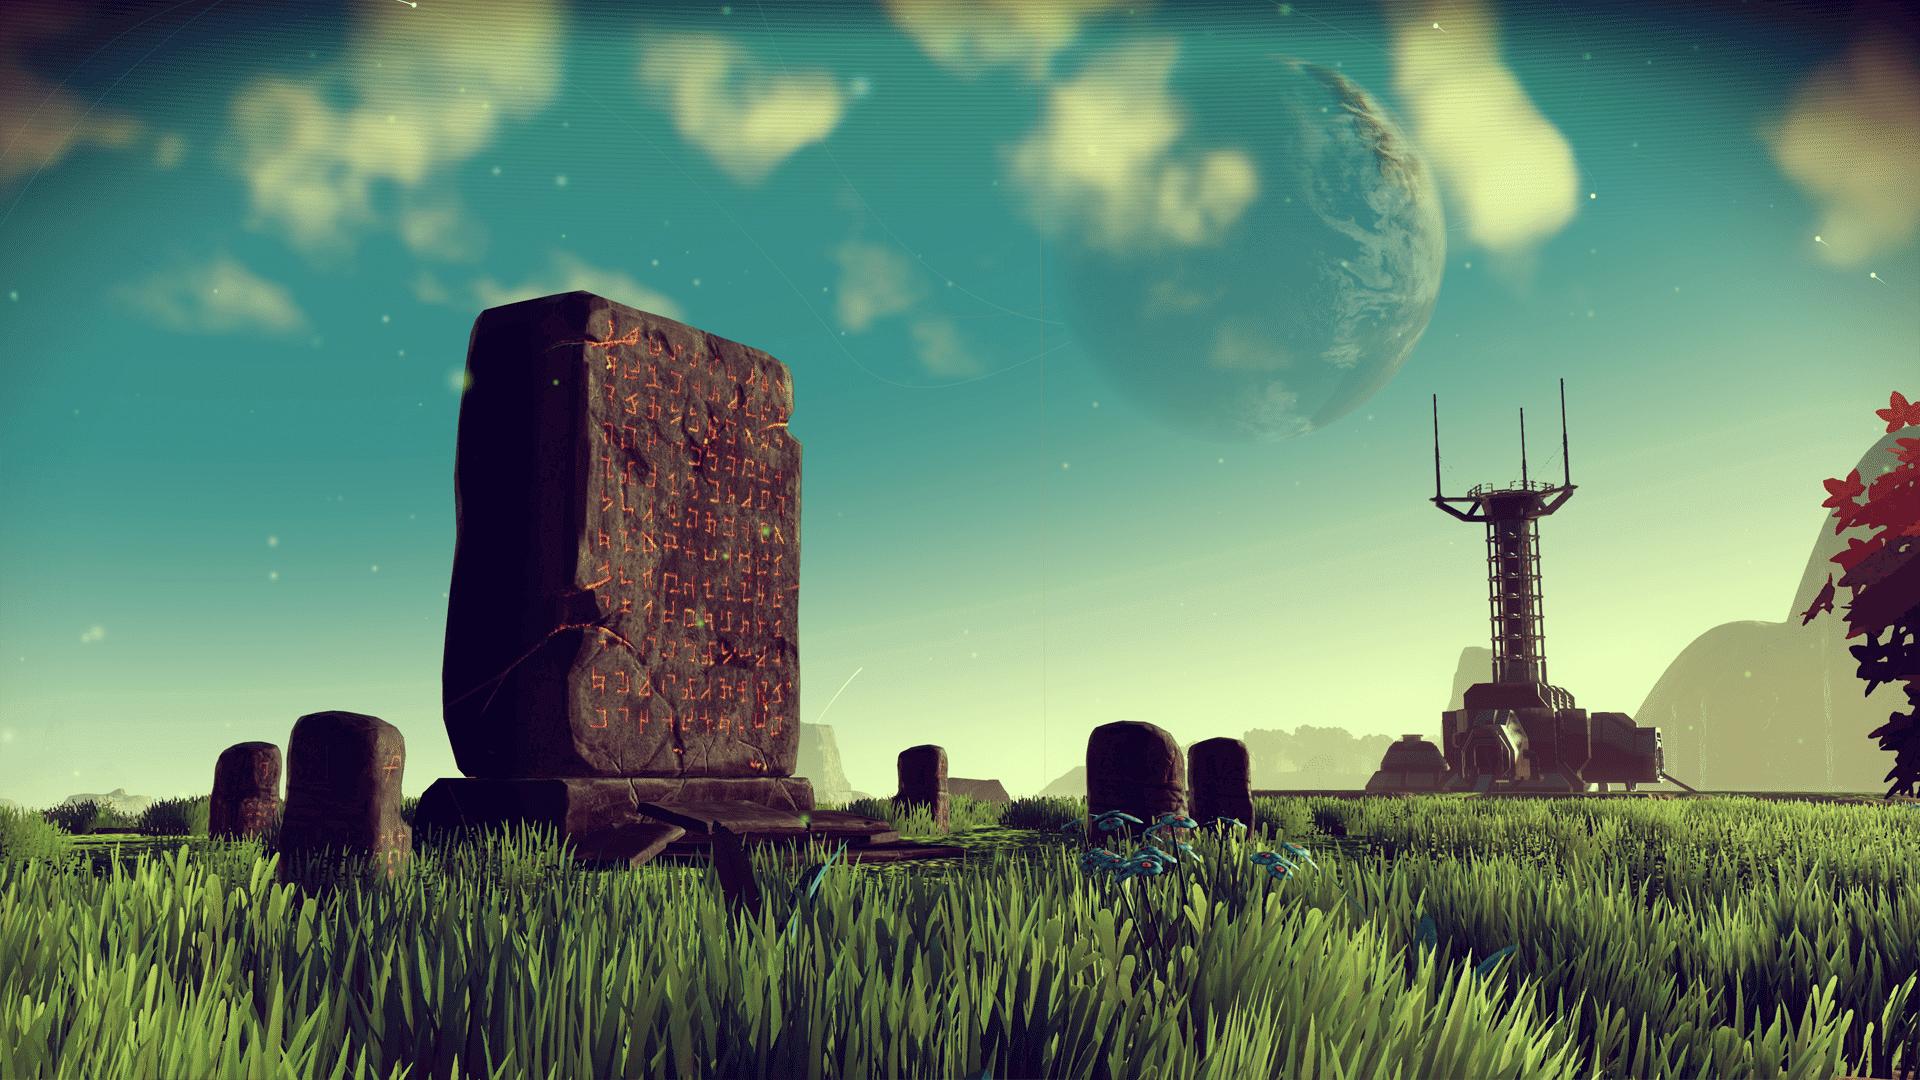 Stone monolith